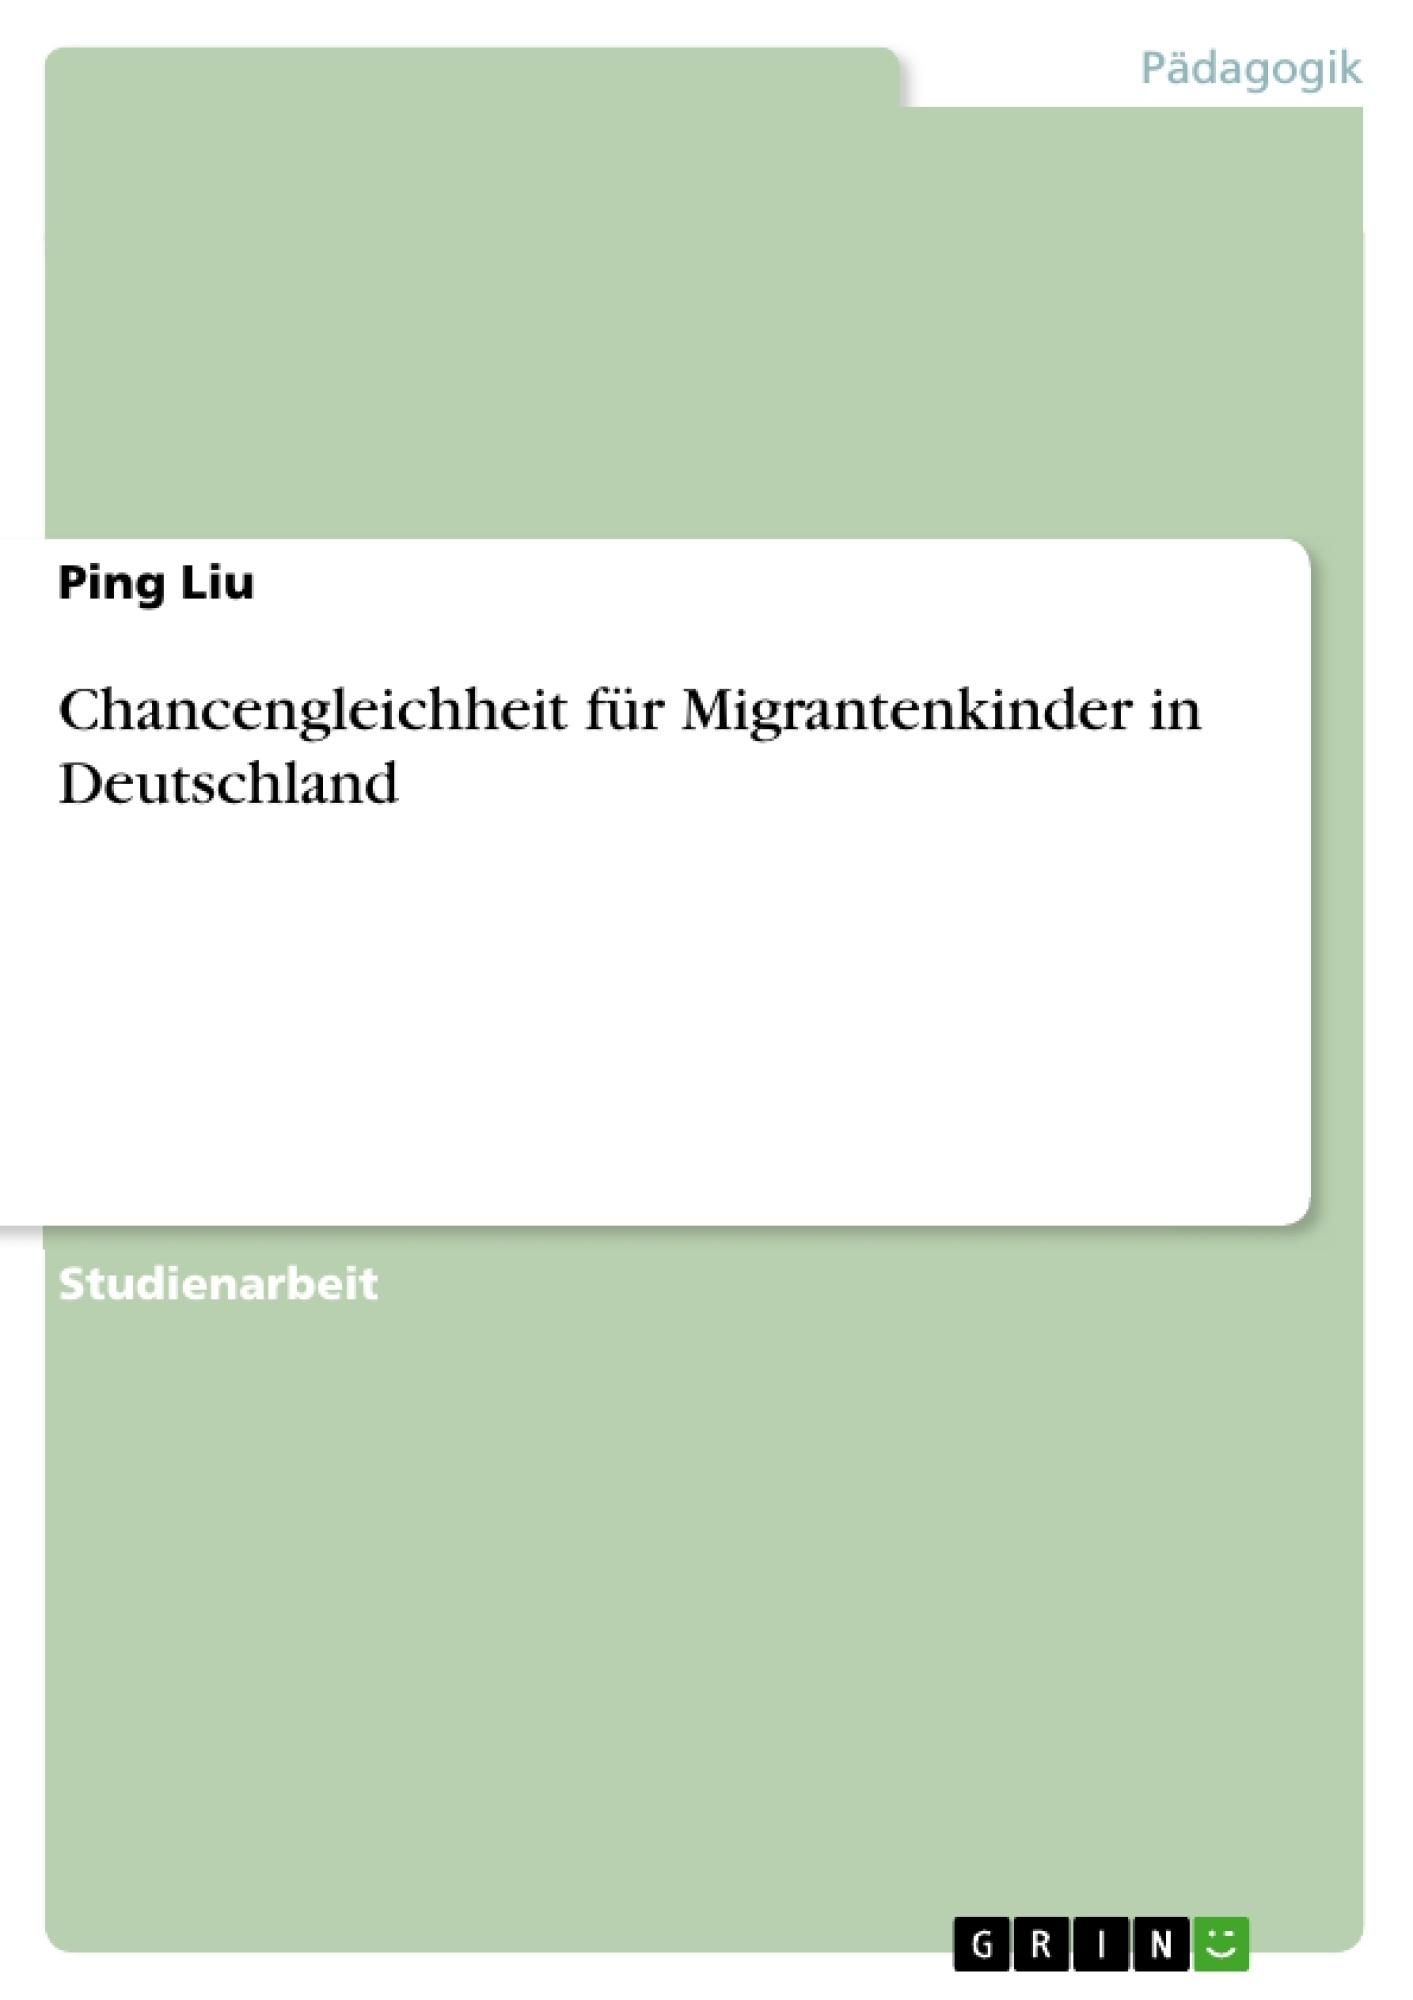 Titel: Chancengleichheit für Migrantenkinder in Deutschland